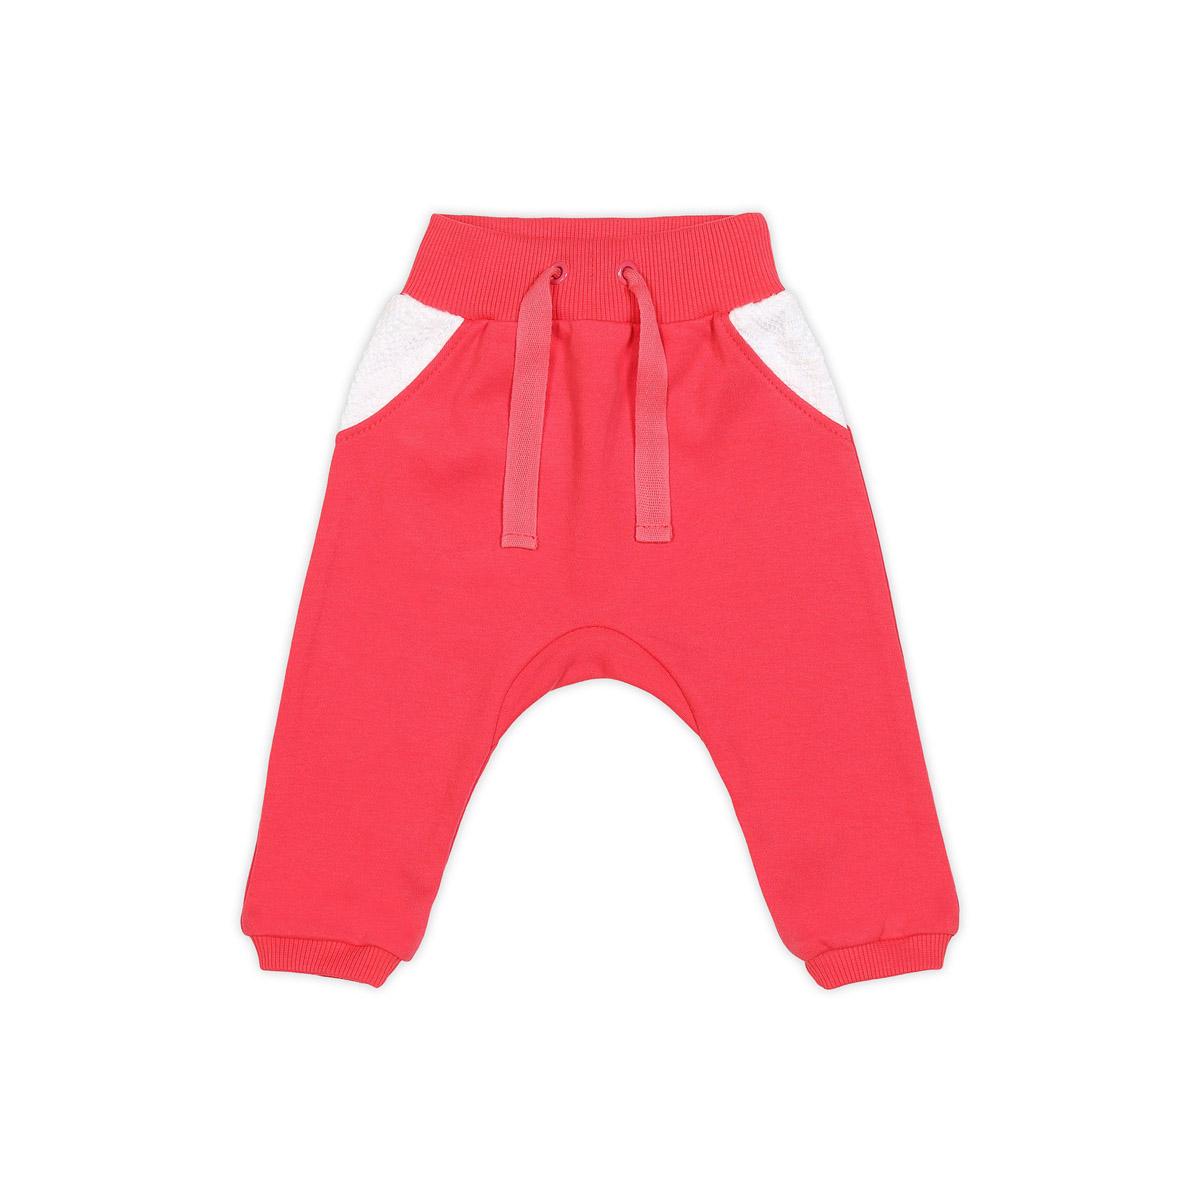 Ползунки без ножек Ёмаё Спорт (26-266) рост 68 ярко-розовый<br>